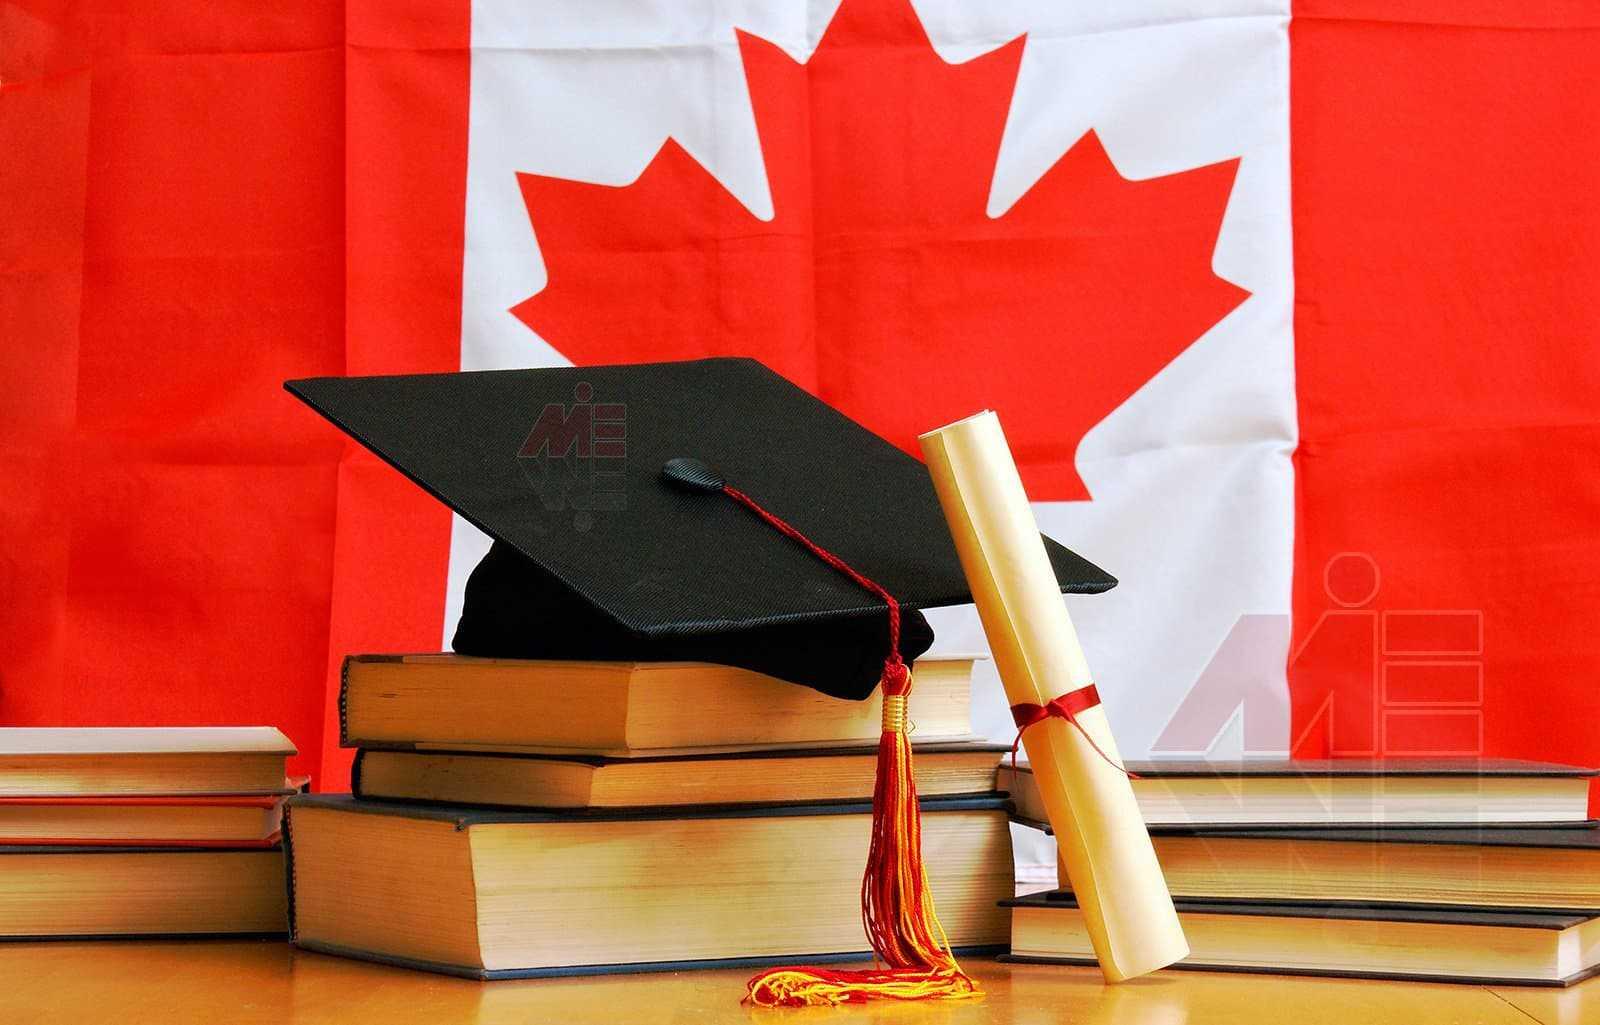 CANADA 1 تحصیل در کانادا به همراه بورسیه